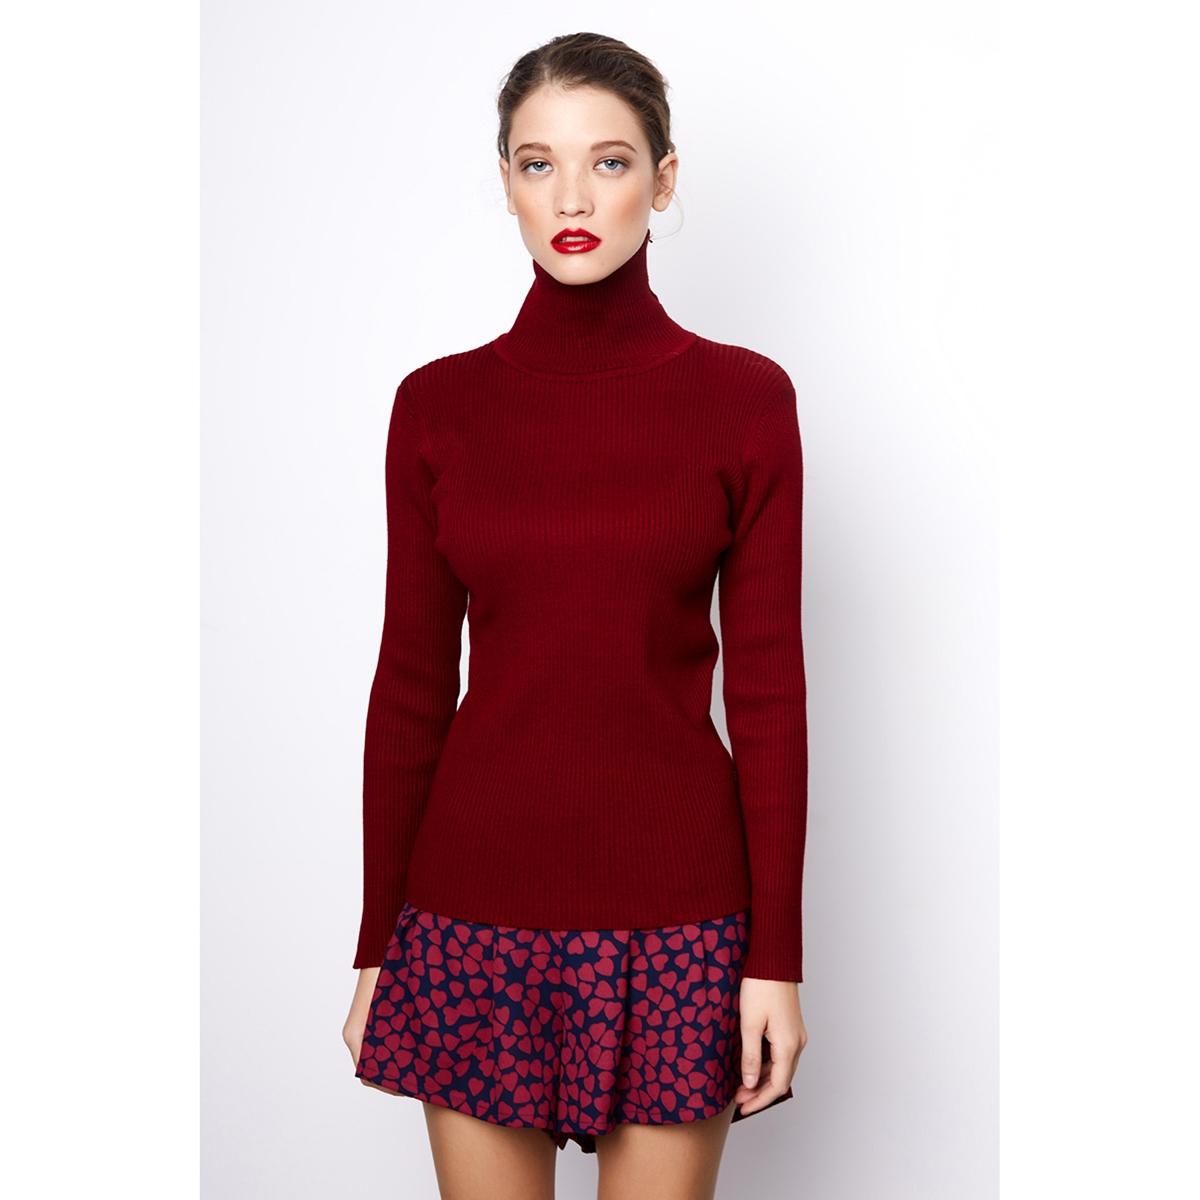 Платье-пуловер короткое расклешенное однотонное с длинными рукавамиОписание:Детали •  Форма : расклешенная •  Укороченная модель •  Длинные рукава    •  Воротник с отворотомСостав и уход •  50% хлопка, 50% полиэстера   •  Следуйте рекомендациям по уходу, указанным на этикетке изделия<br><br>Цвет: бордовый<br>Размер: M